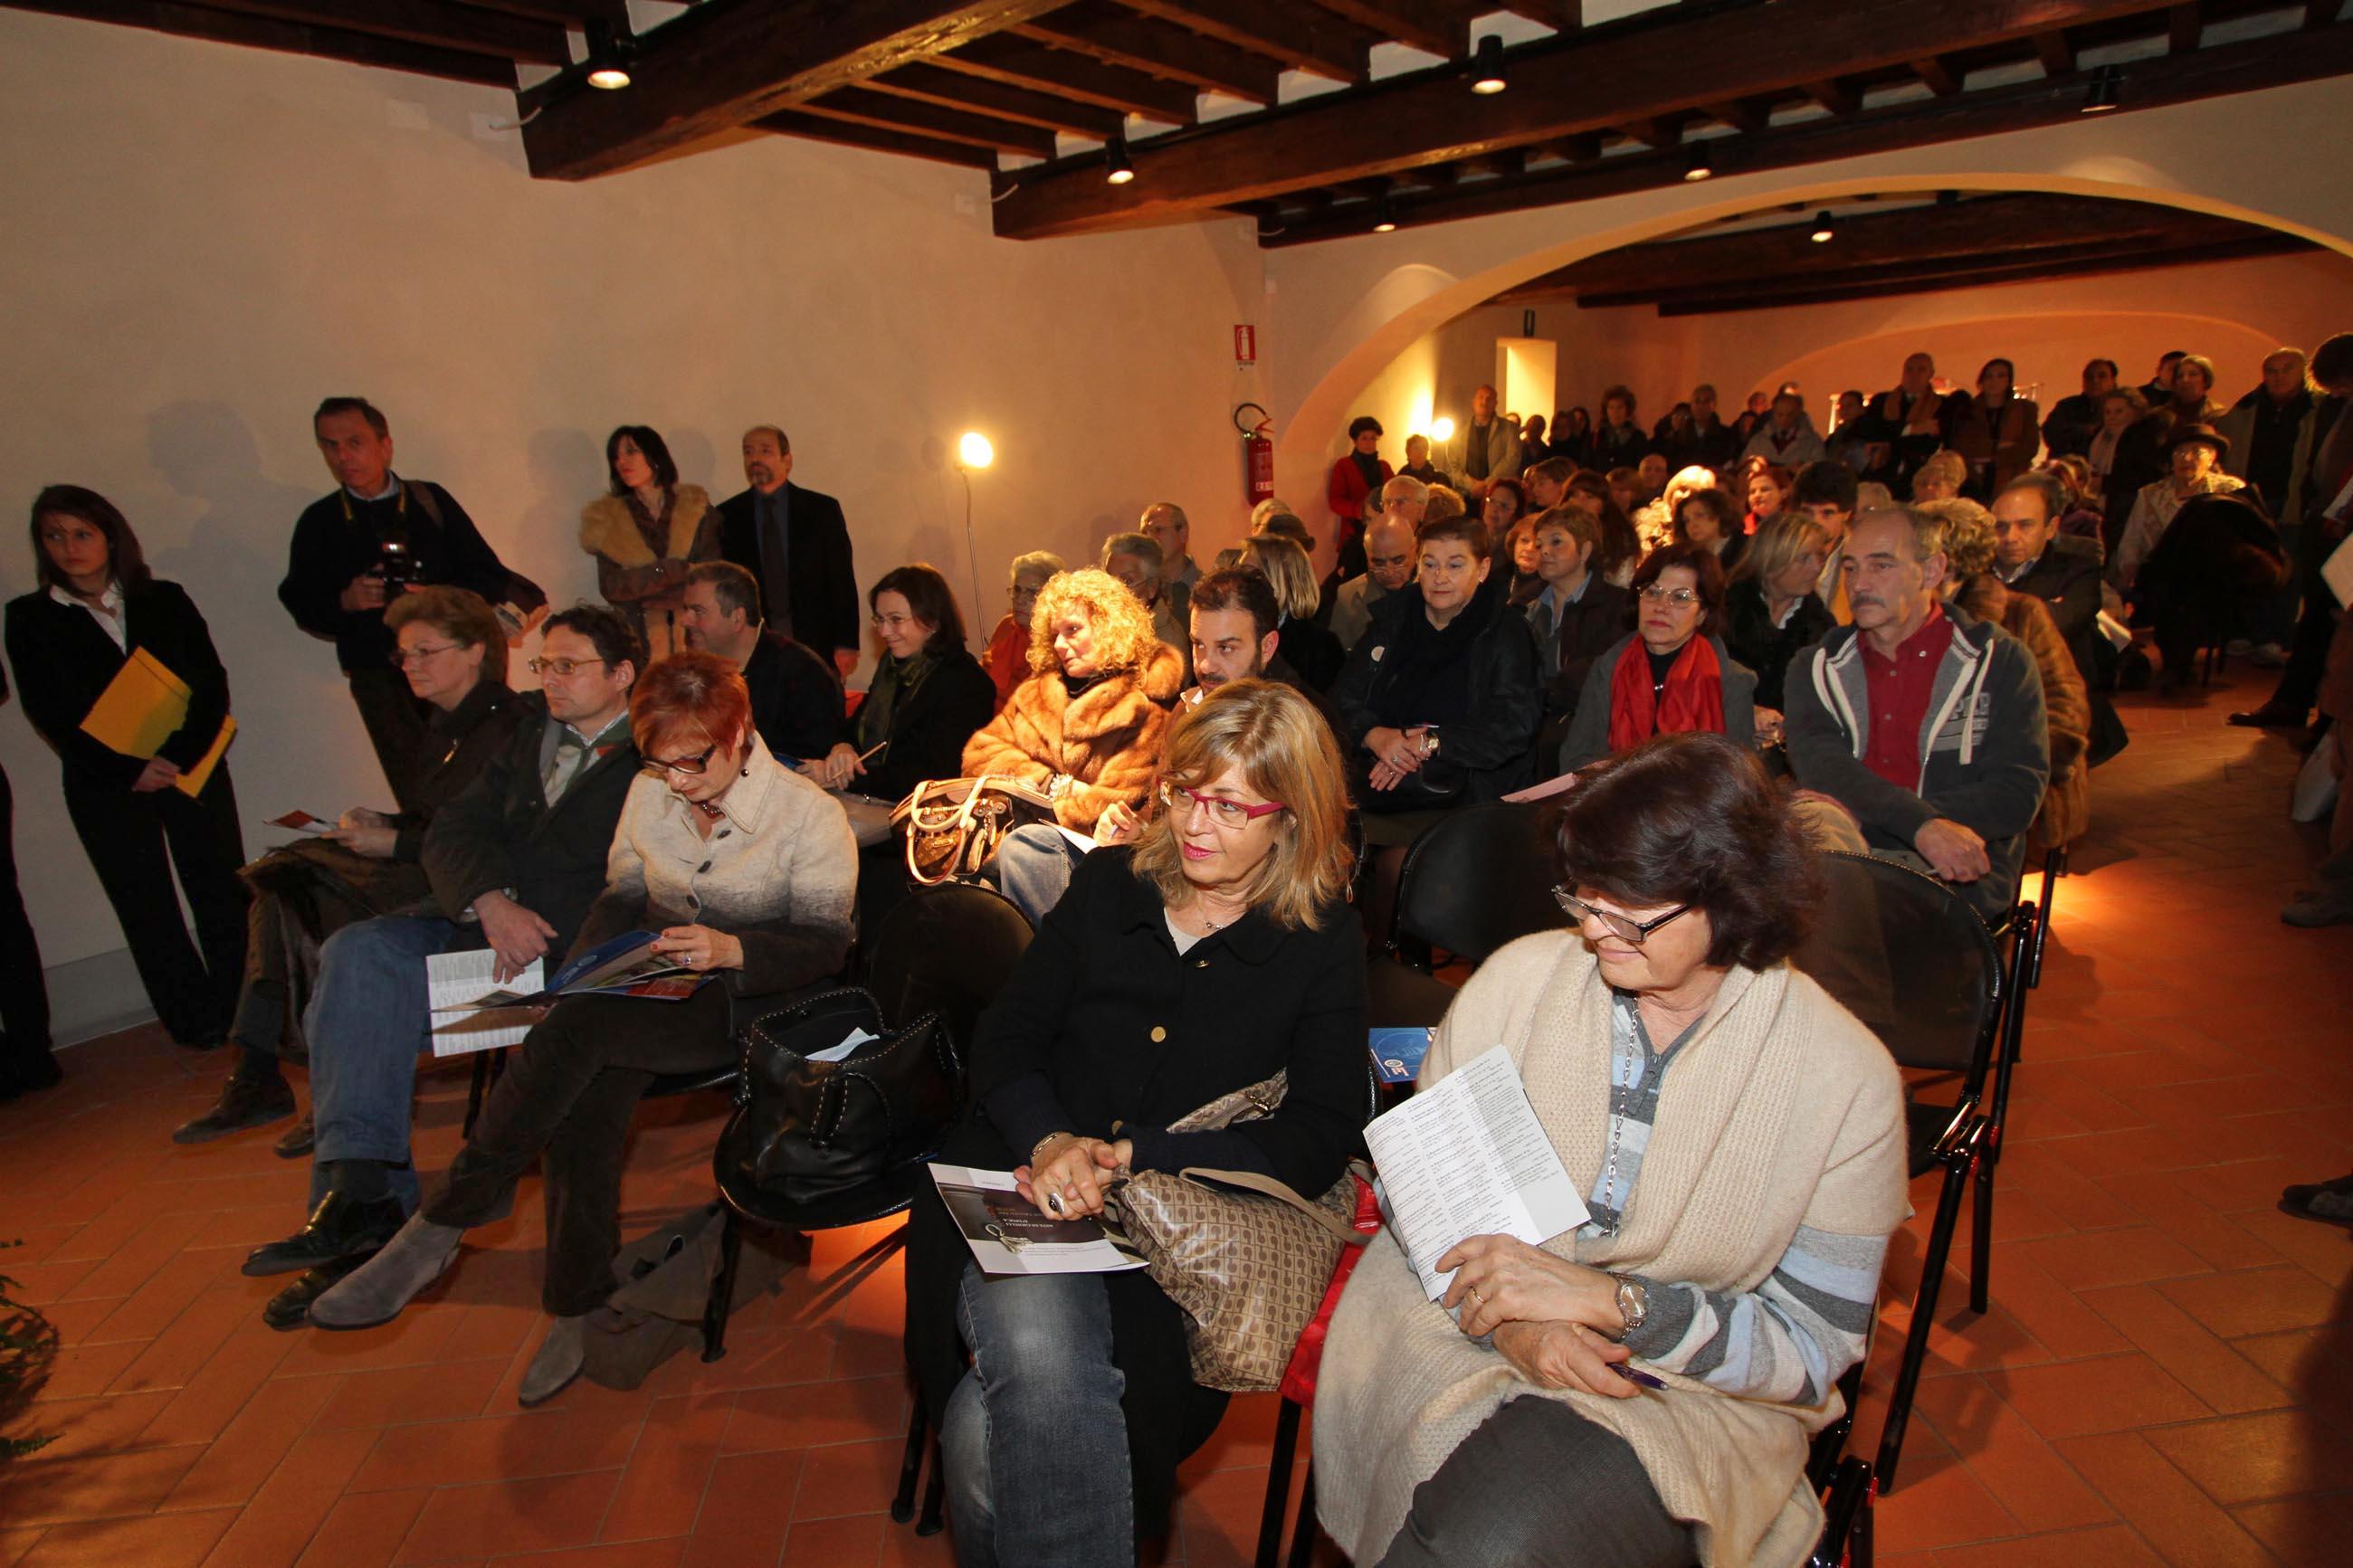 PRESSPHOTO Firenze, Asta di Gioielli d'epoca all' Istituto degli Innocenti. Nella foto